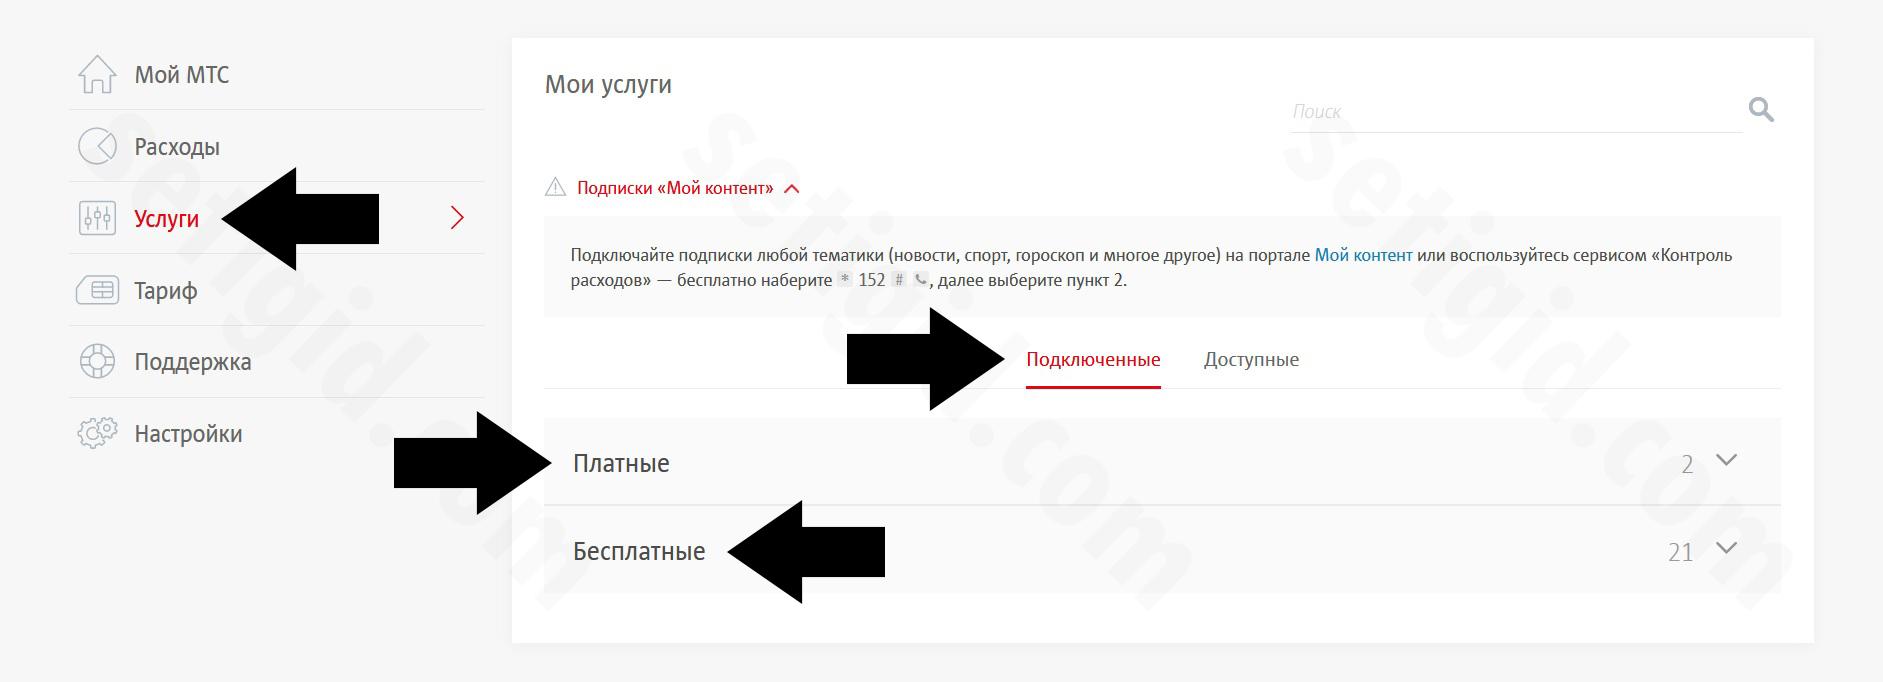 Podklyuch_LK_1.jpg